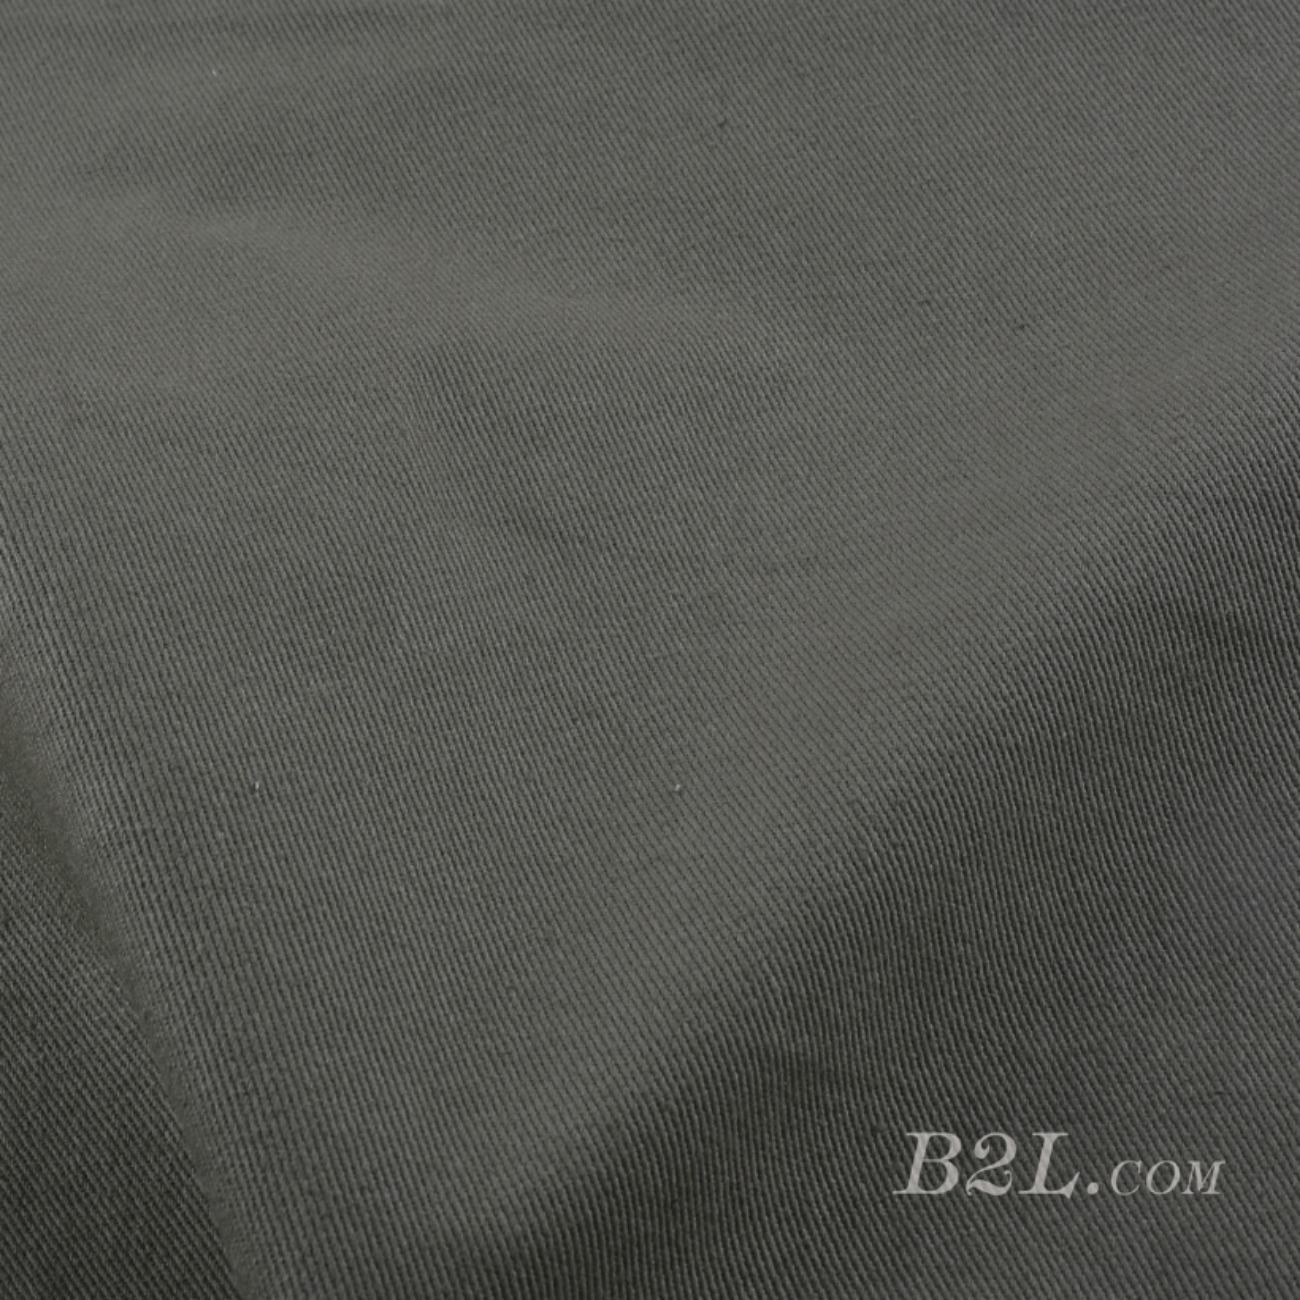 梭织染色素色砂洗棉布面料-春夏外套裤装休闲服面料91211-55